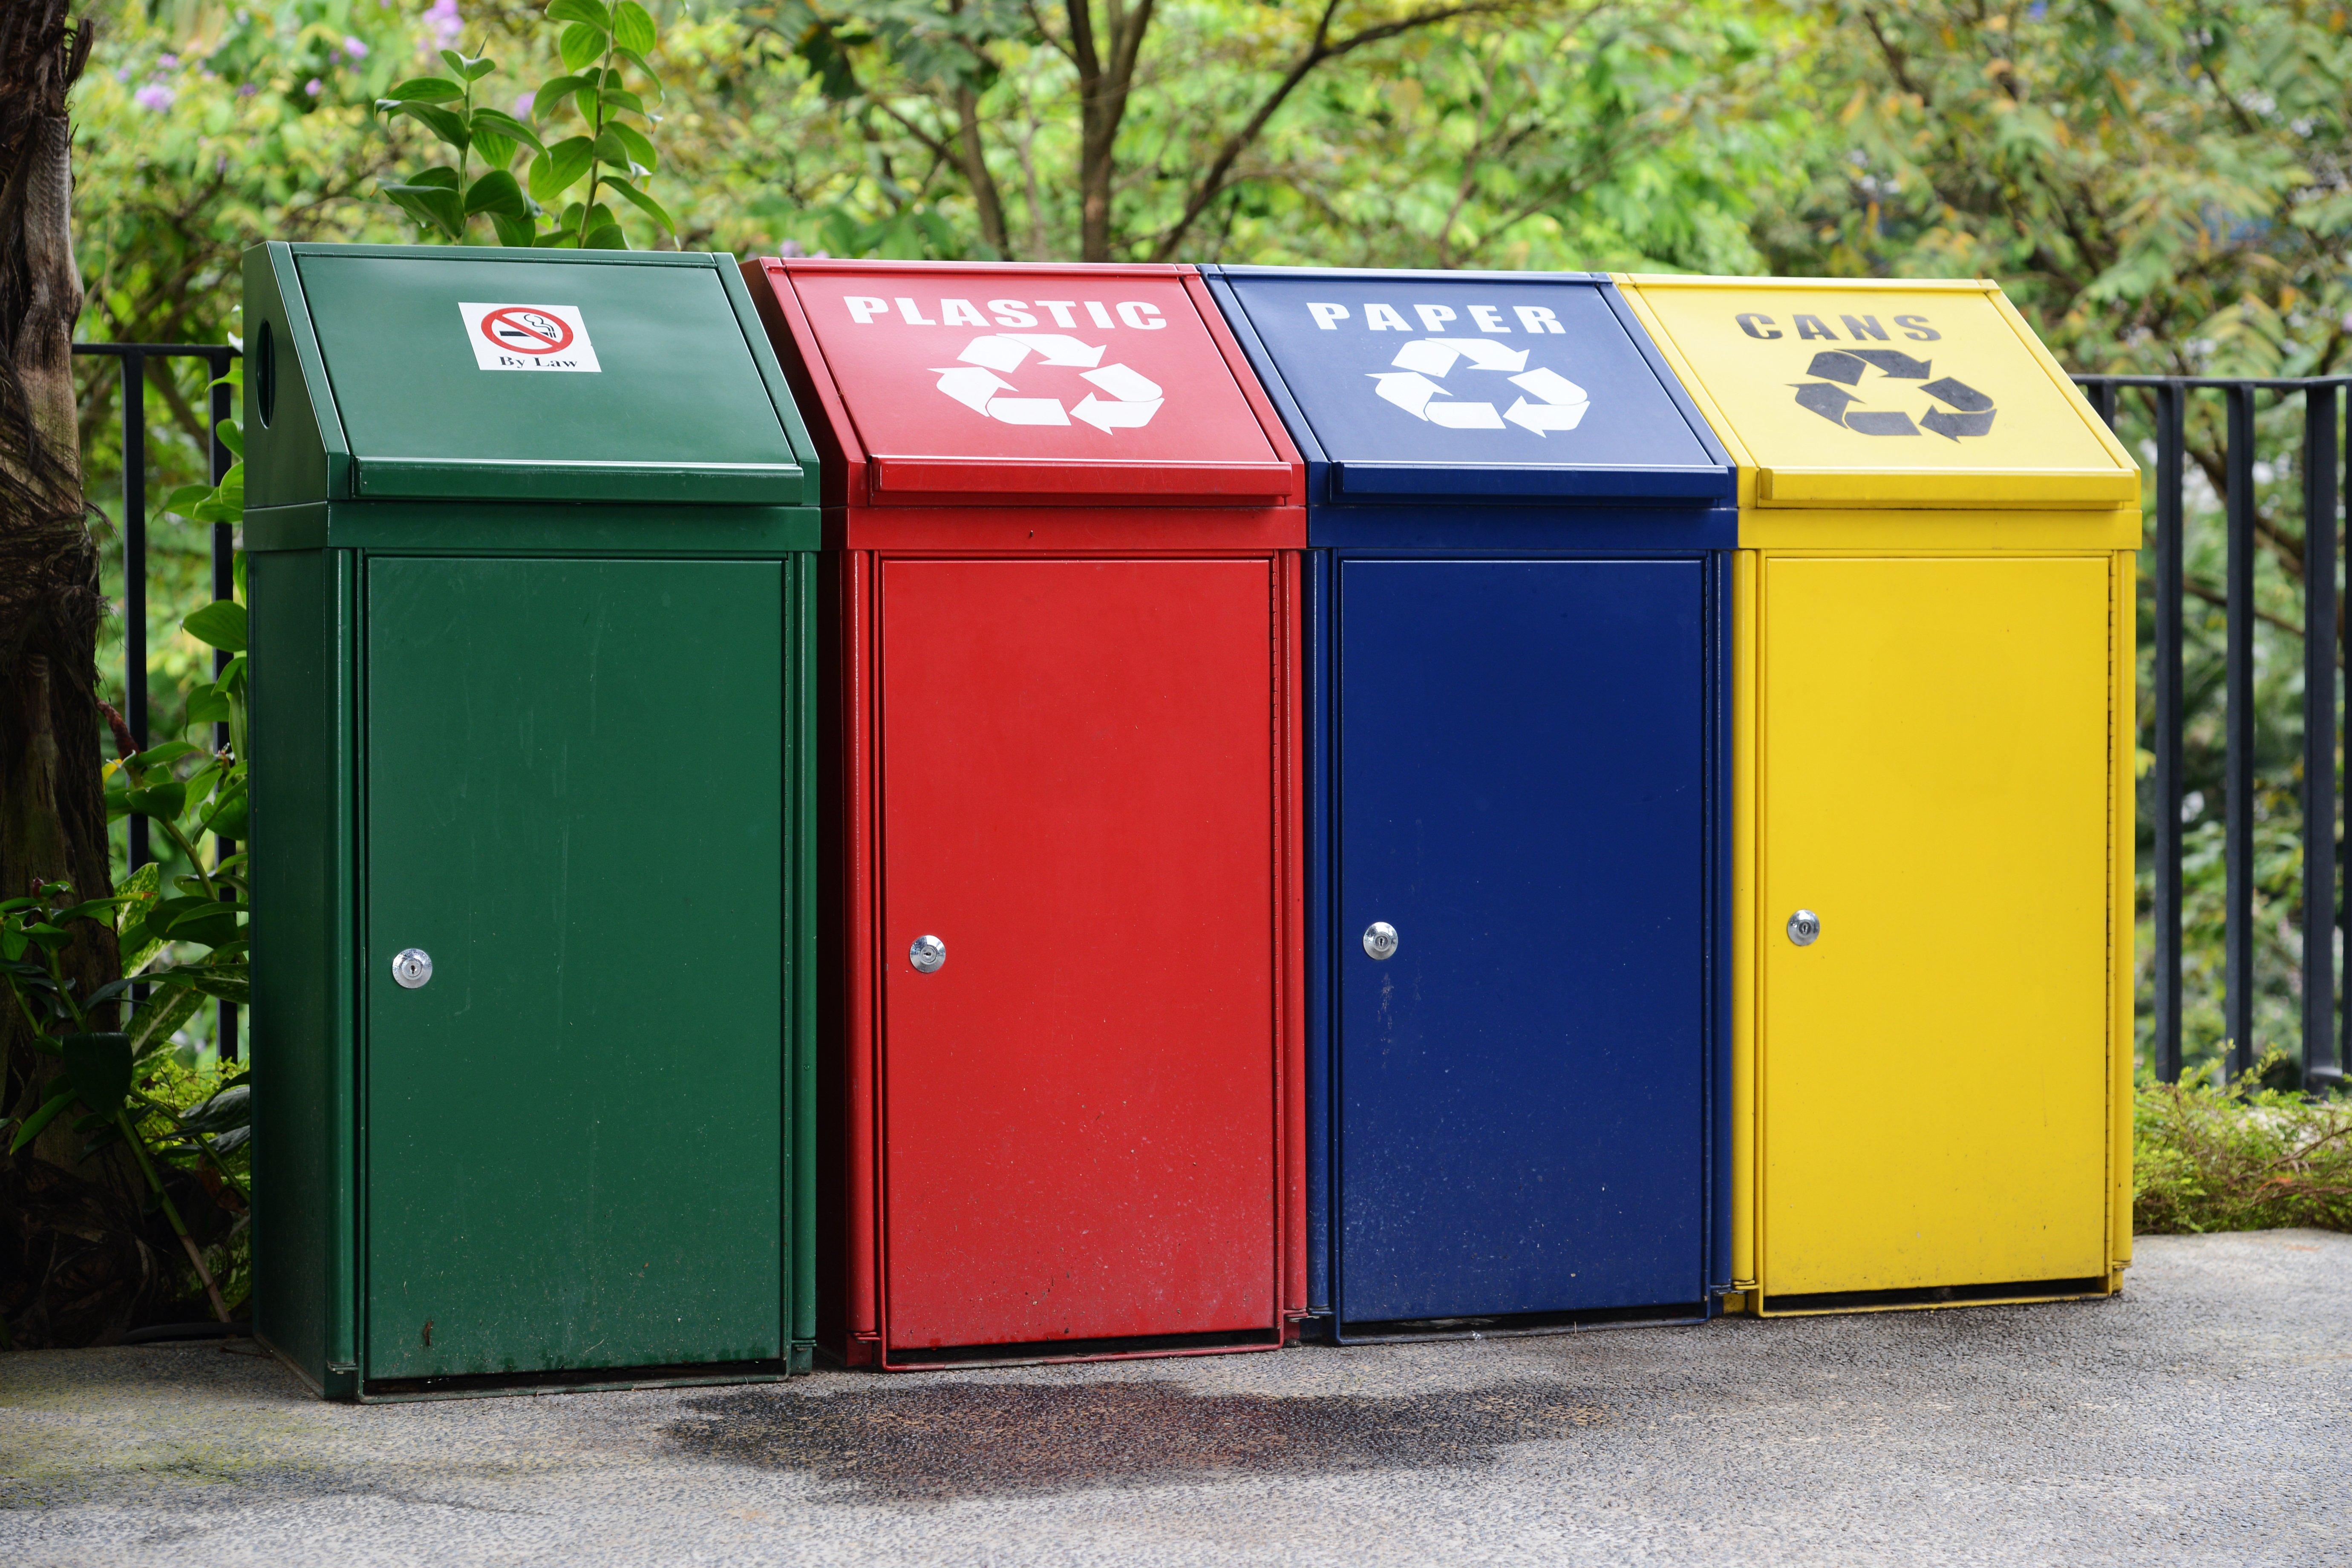 Contenedores para la recogida selectiva de residuos, la reducción de residuos en vacaciones